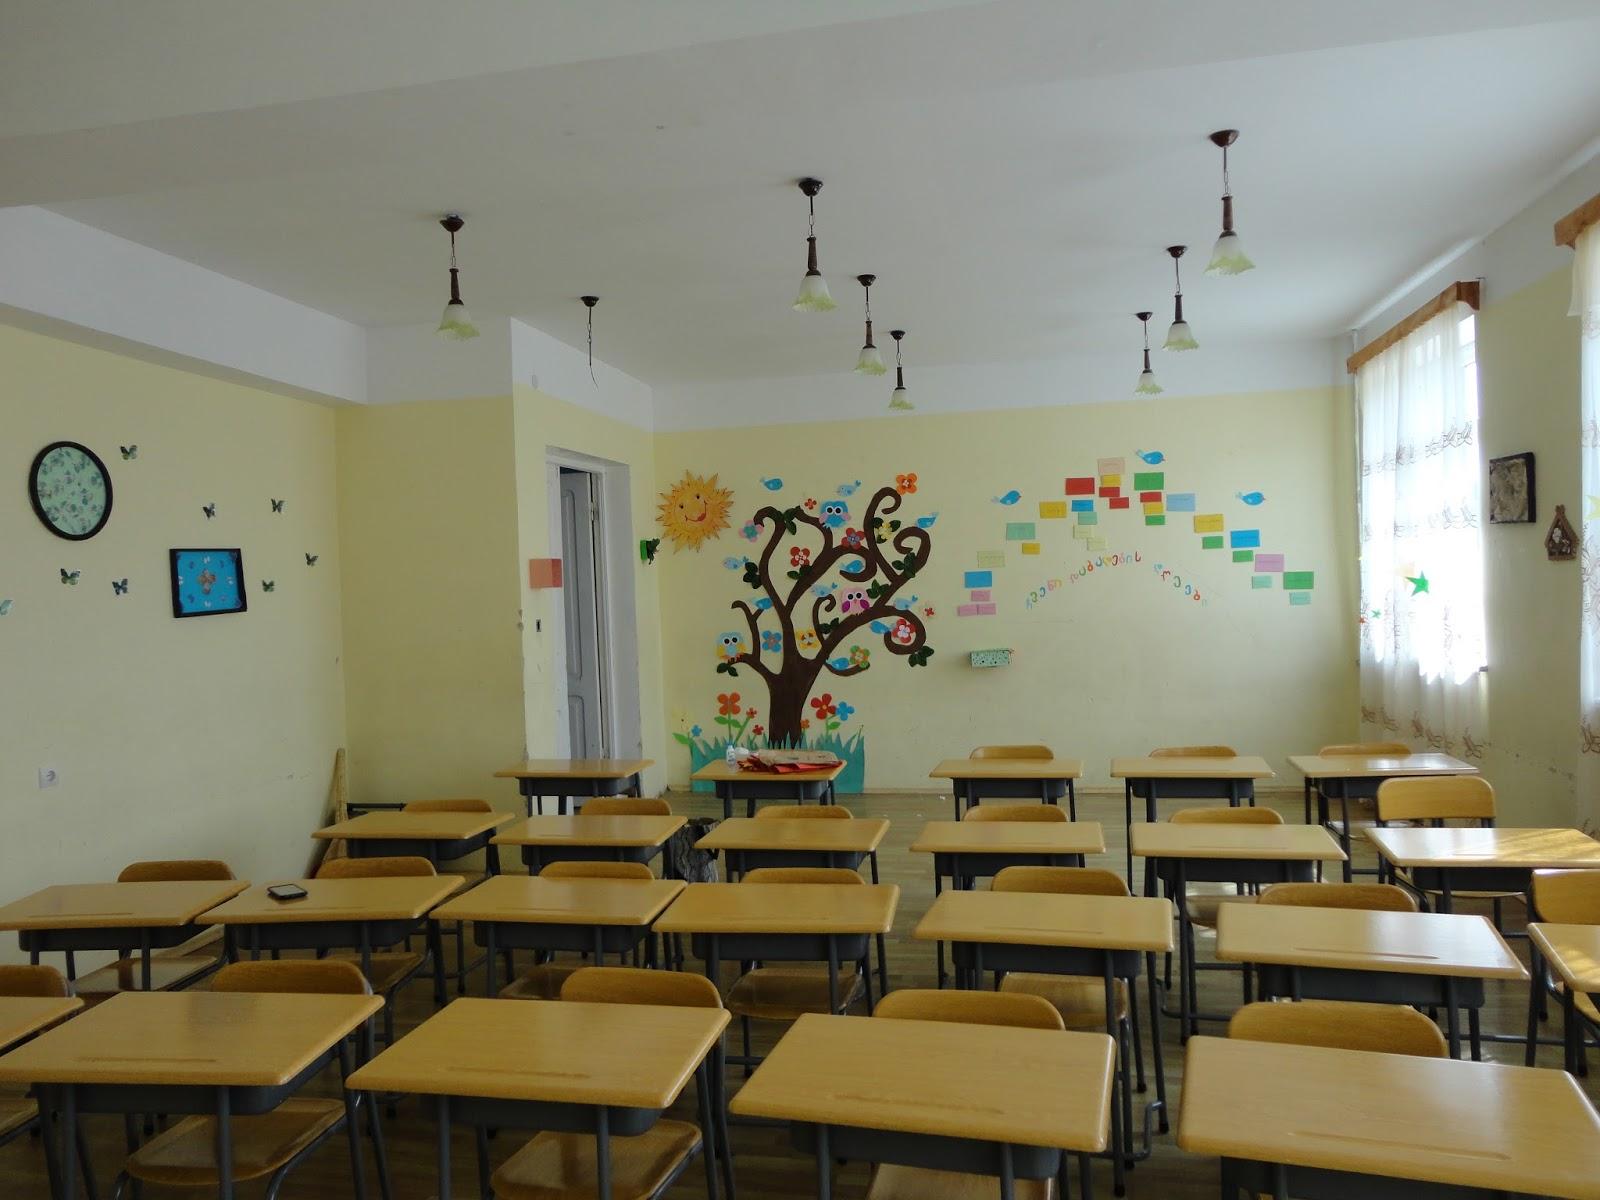 ვაზისუბნის ერთ-ერთ სკოლაში მშობელმა დირექტორს უკბინა